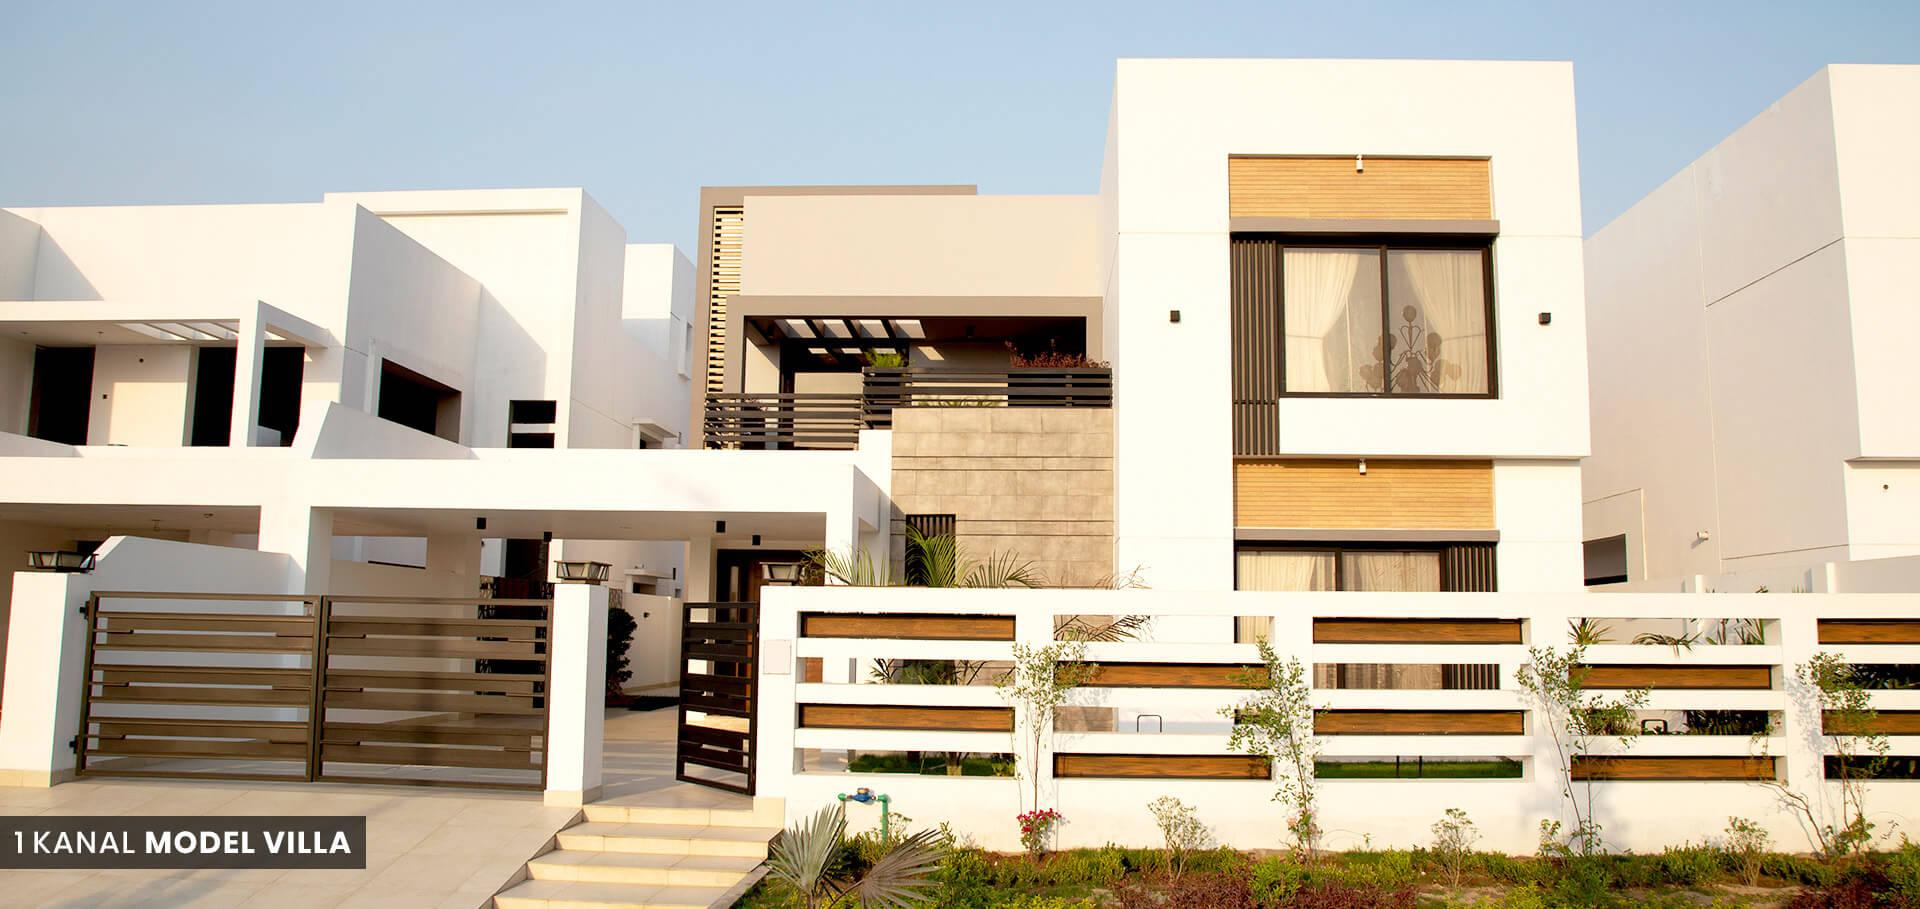 1 Kanal Model Villa